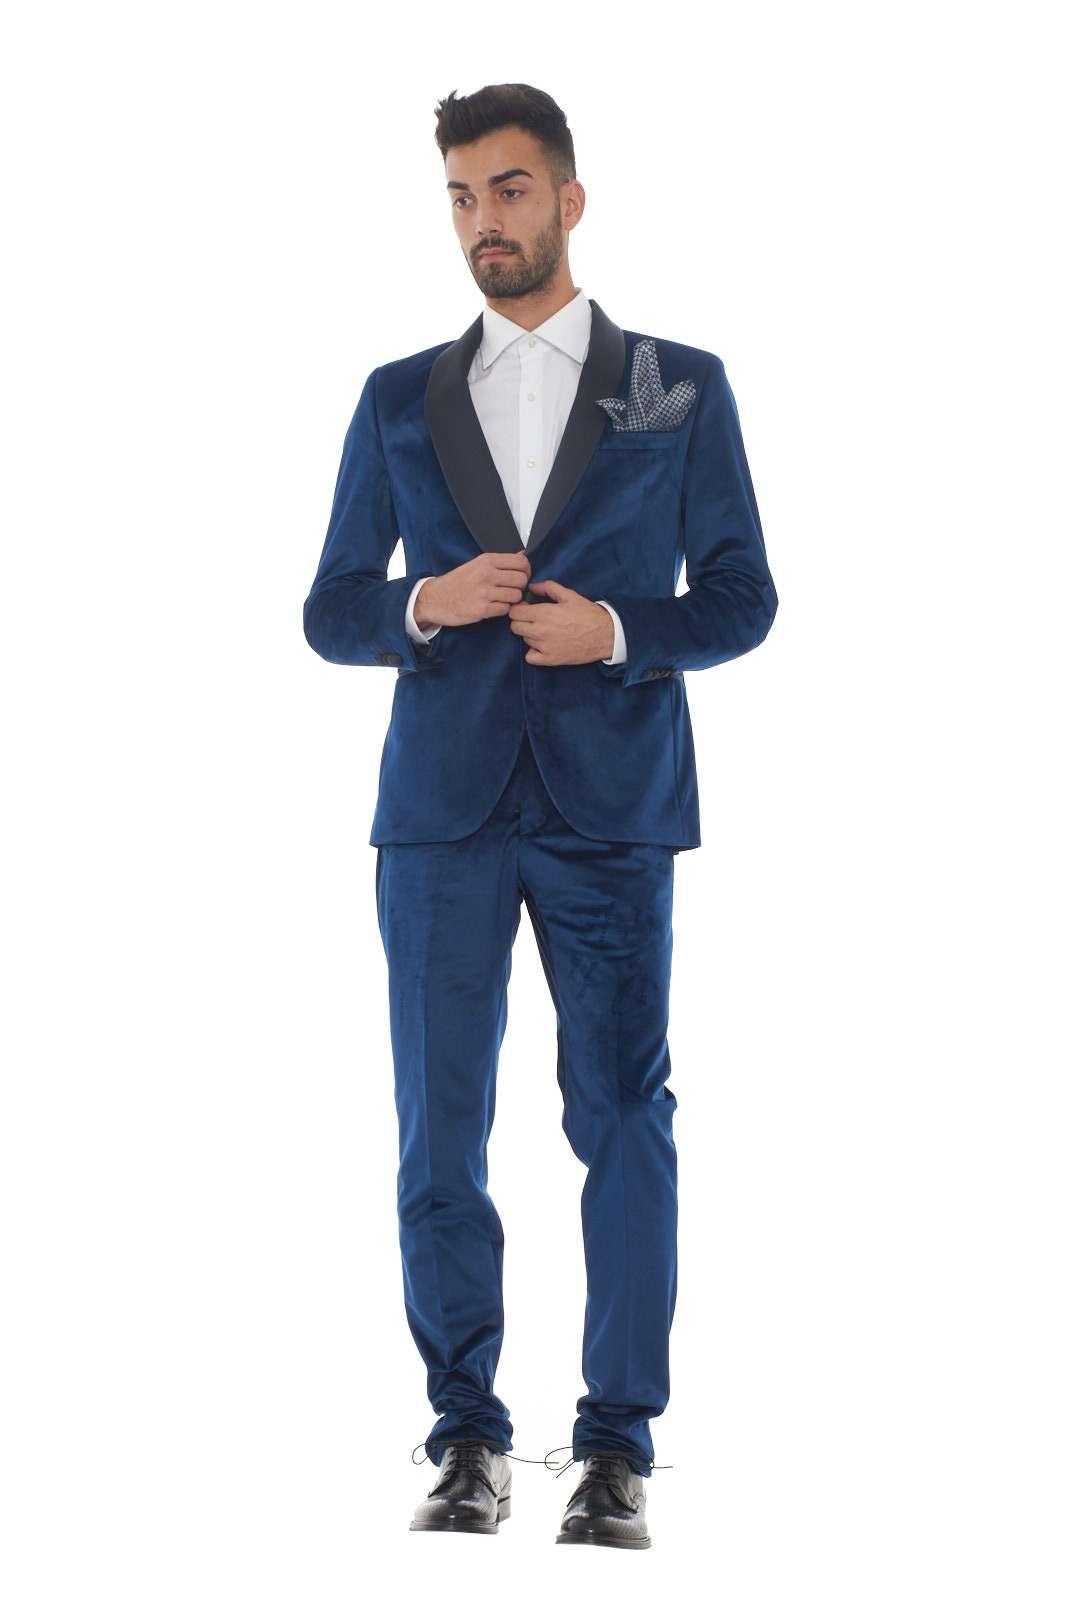 Scopri il massimo dell'eleganza con il nuovo smoking uomo in velluto firmato Manuel Ritz. Il classico collo sciallato si presenta con un delicato tessuto in raso in contrasto di colore. La vestibilità slim fit lo rende comodo e perfetto per le occasioni più speciali. Il modello è alto 1.80m e indossa la taglia 48.